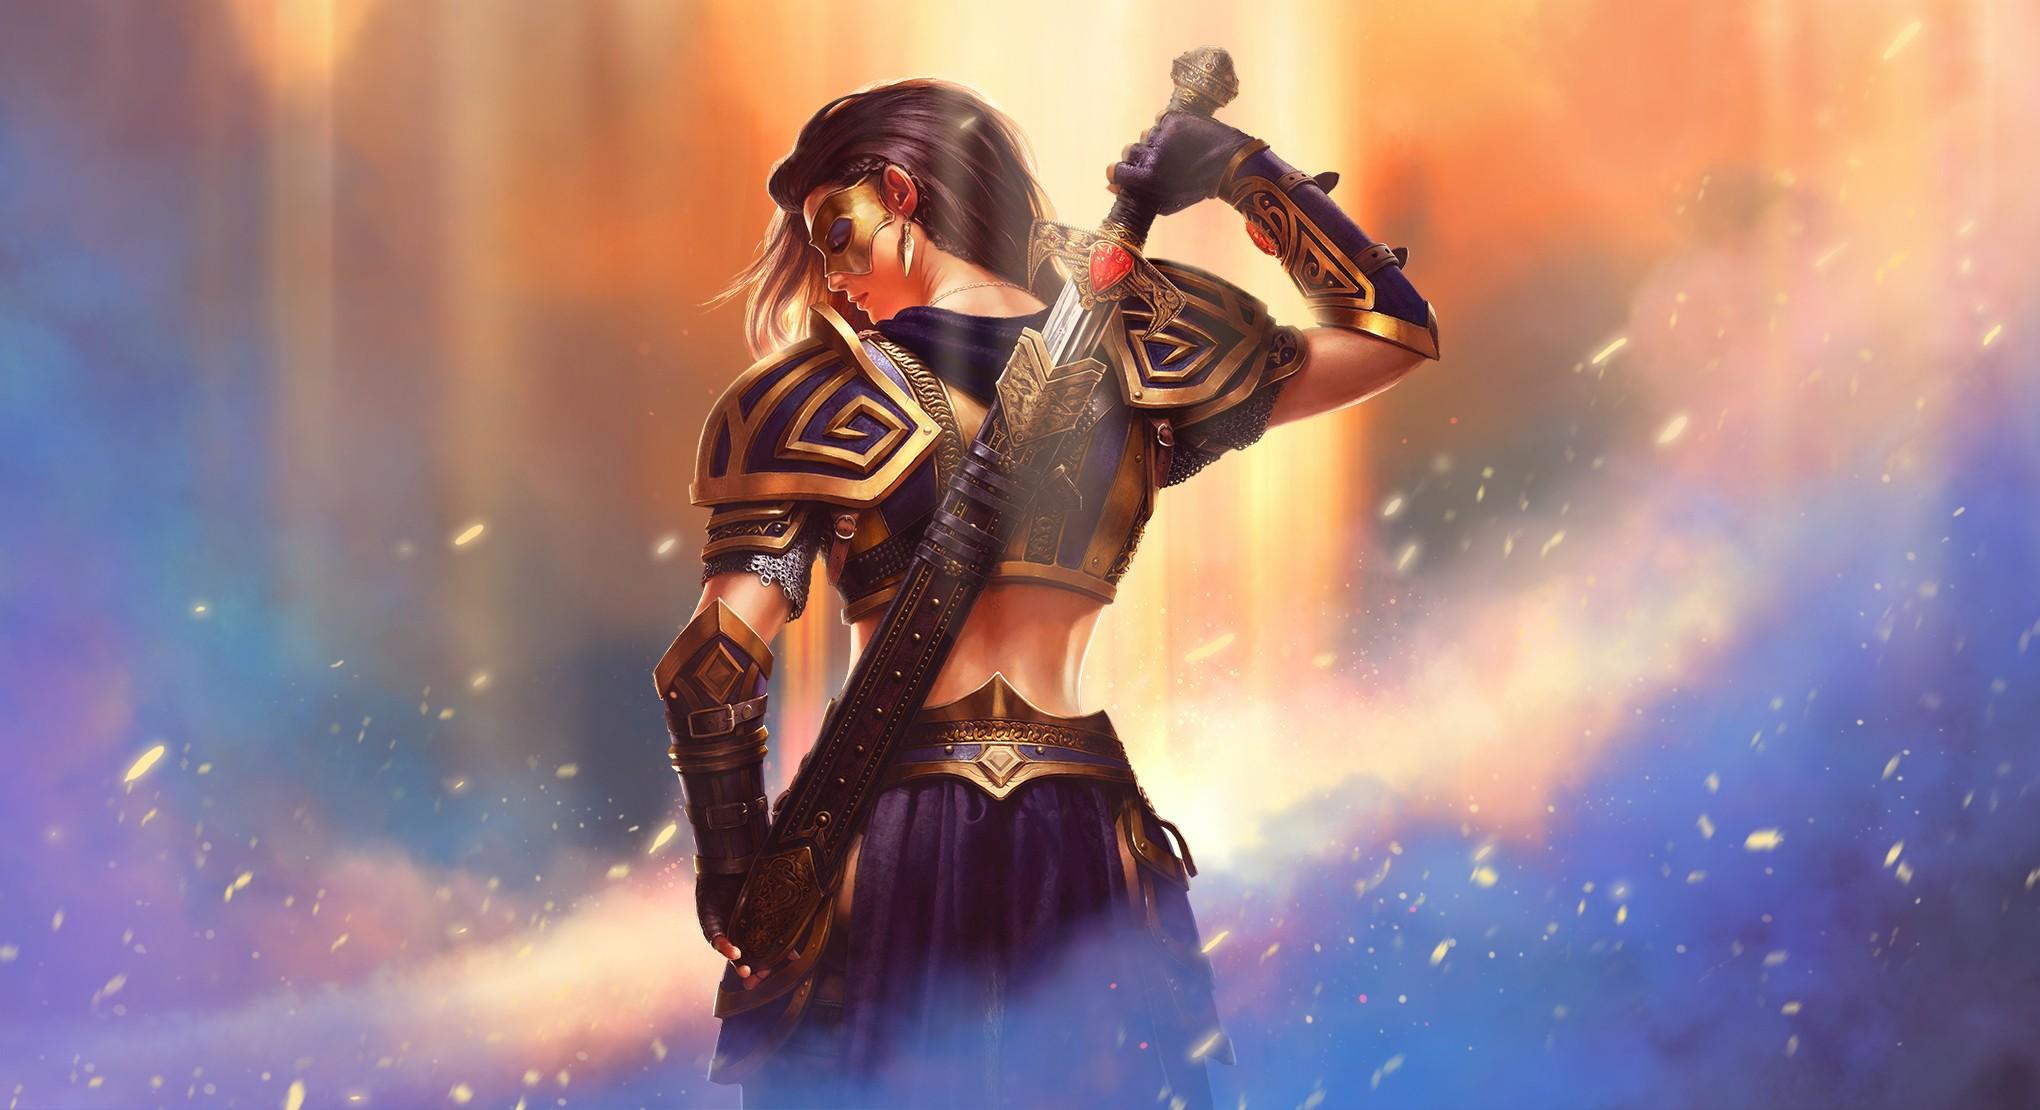 warrior fantasy girl hd fantasy girls 4k wallpapers